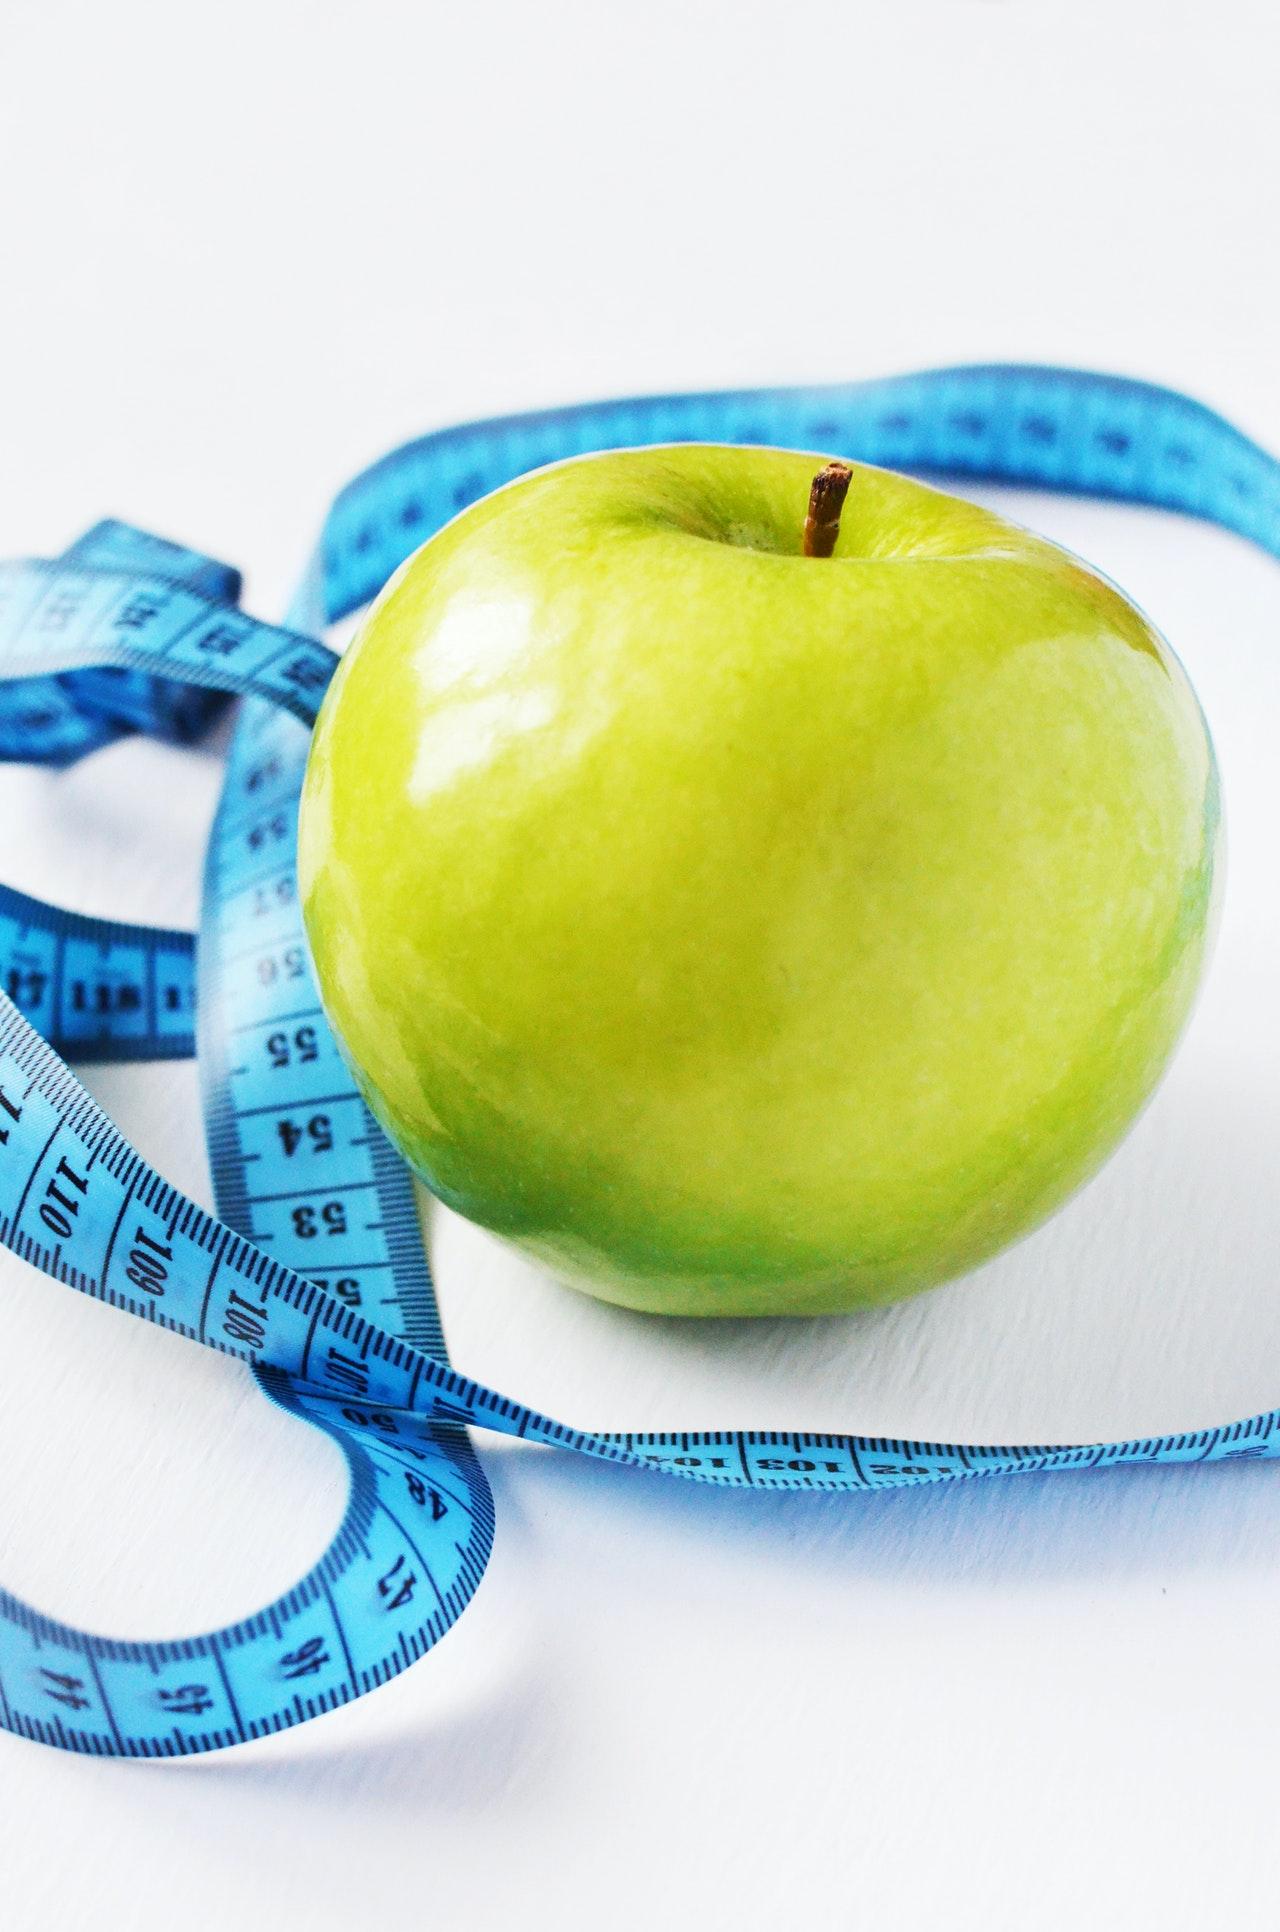 masa ciała kg masa ciała kg kg wzrost masy ciała bmi